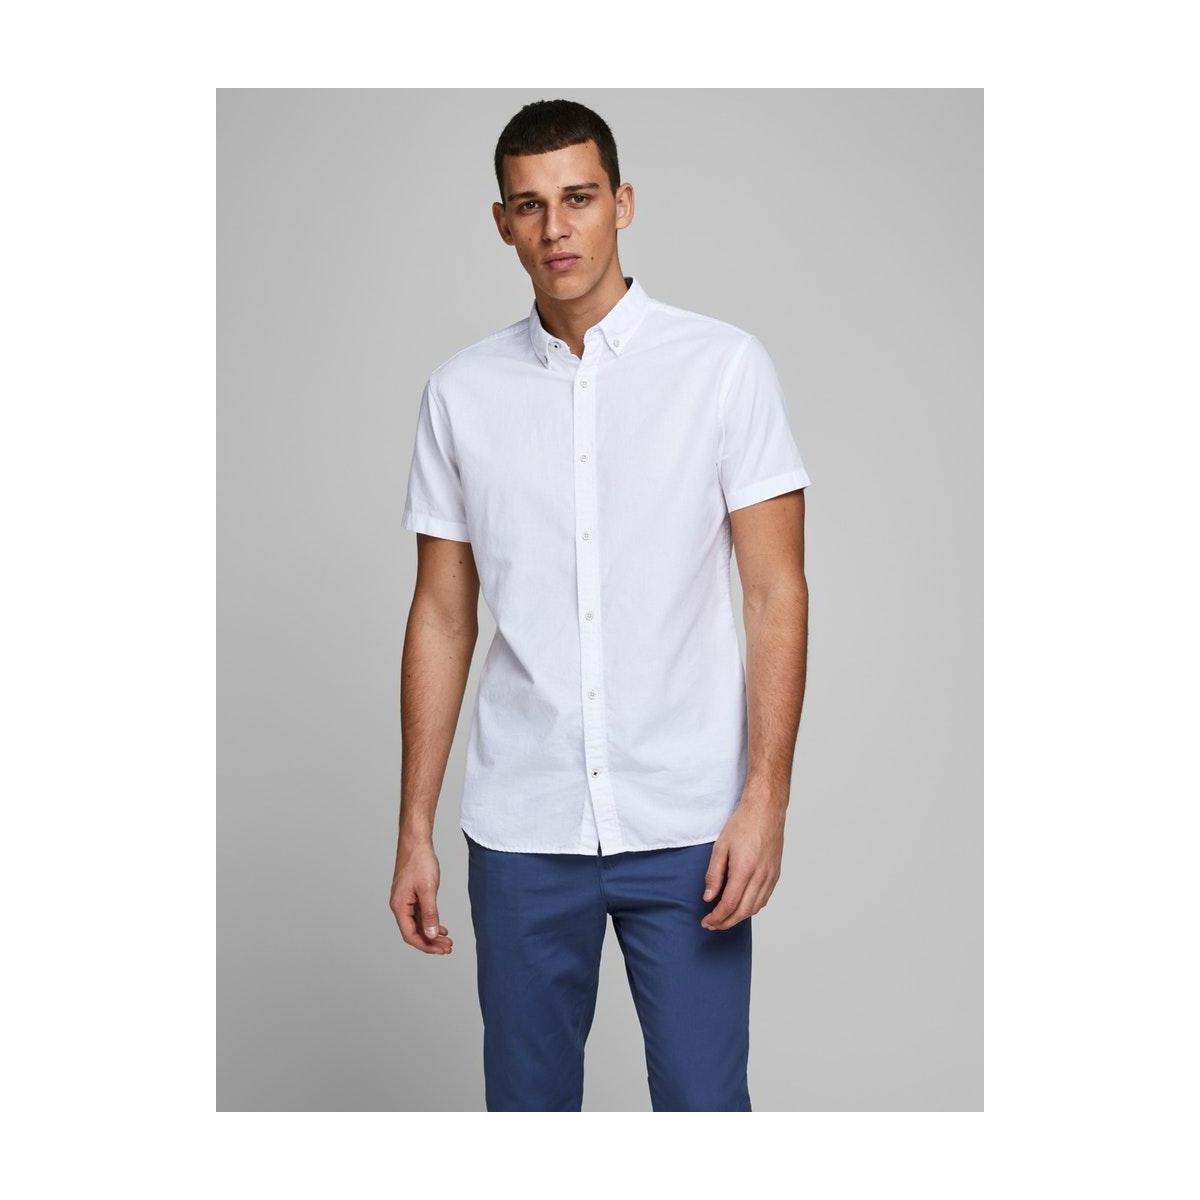 jjesummer shirt s/s s20 sts 12163857 jack & jones overhemd white/slim fit